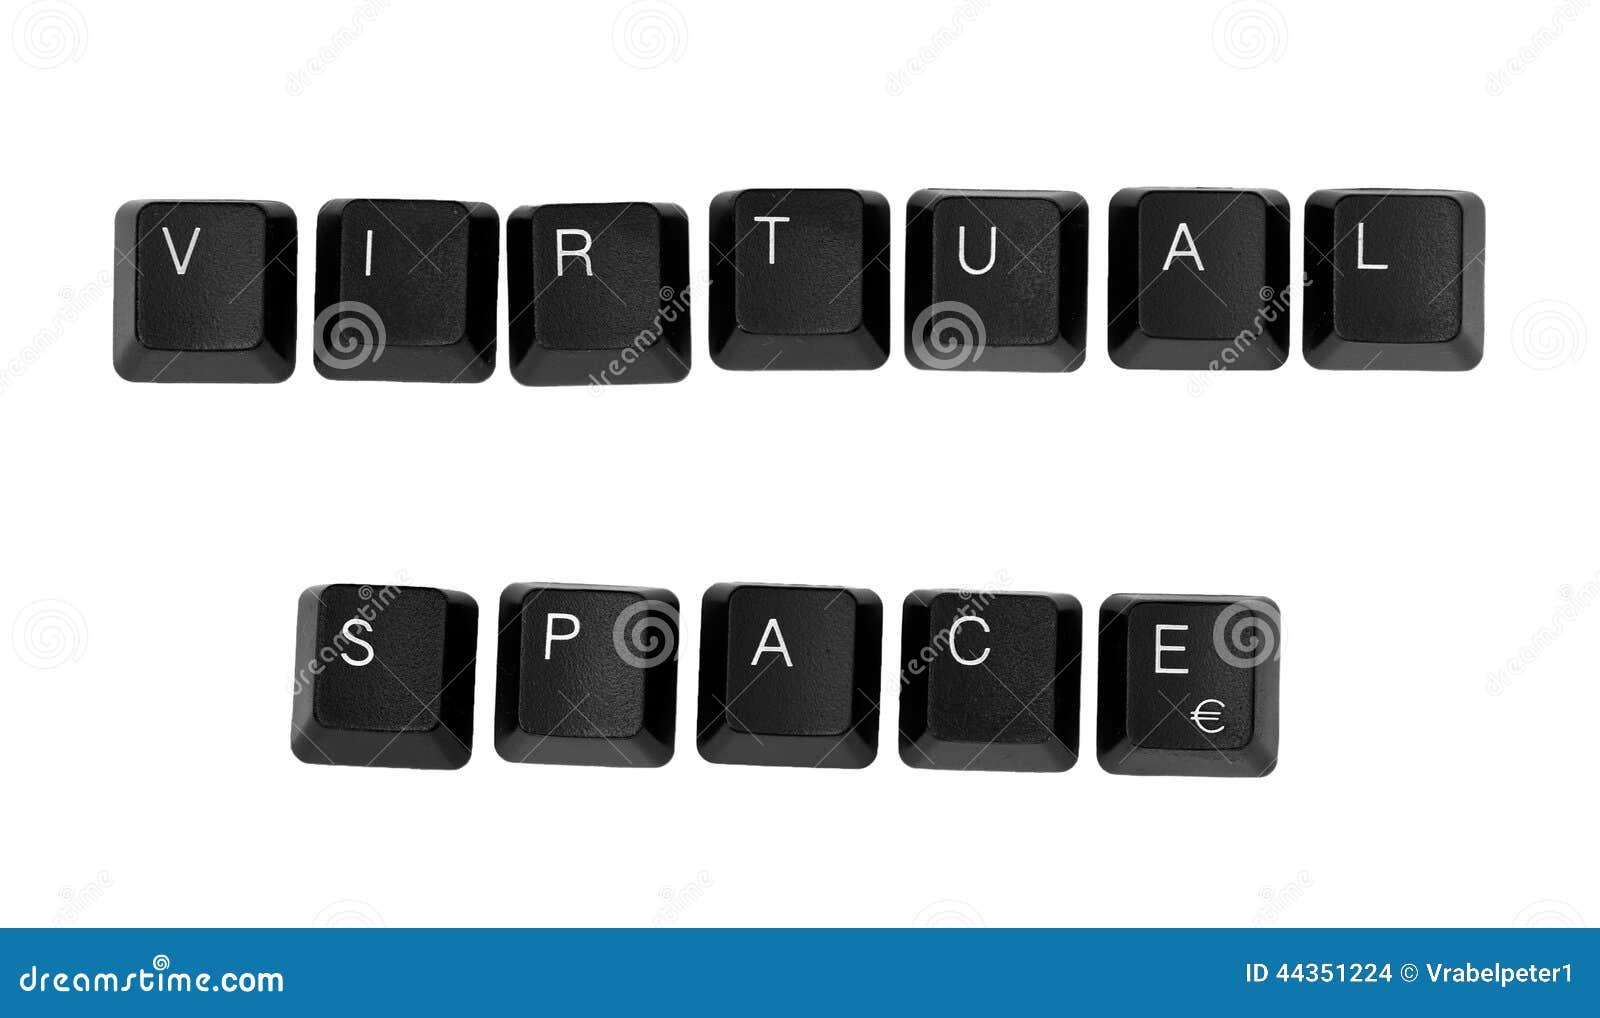 Segno VIRTUALE dello SPAZIO scritto su una tastiera